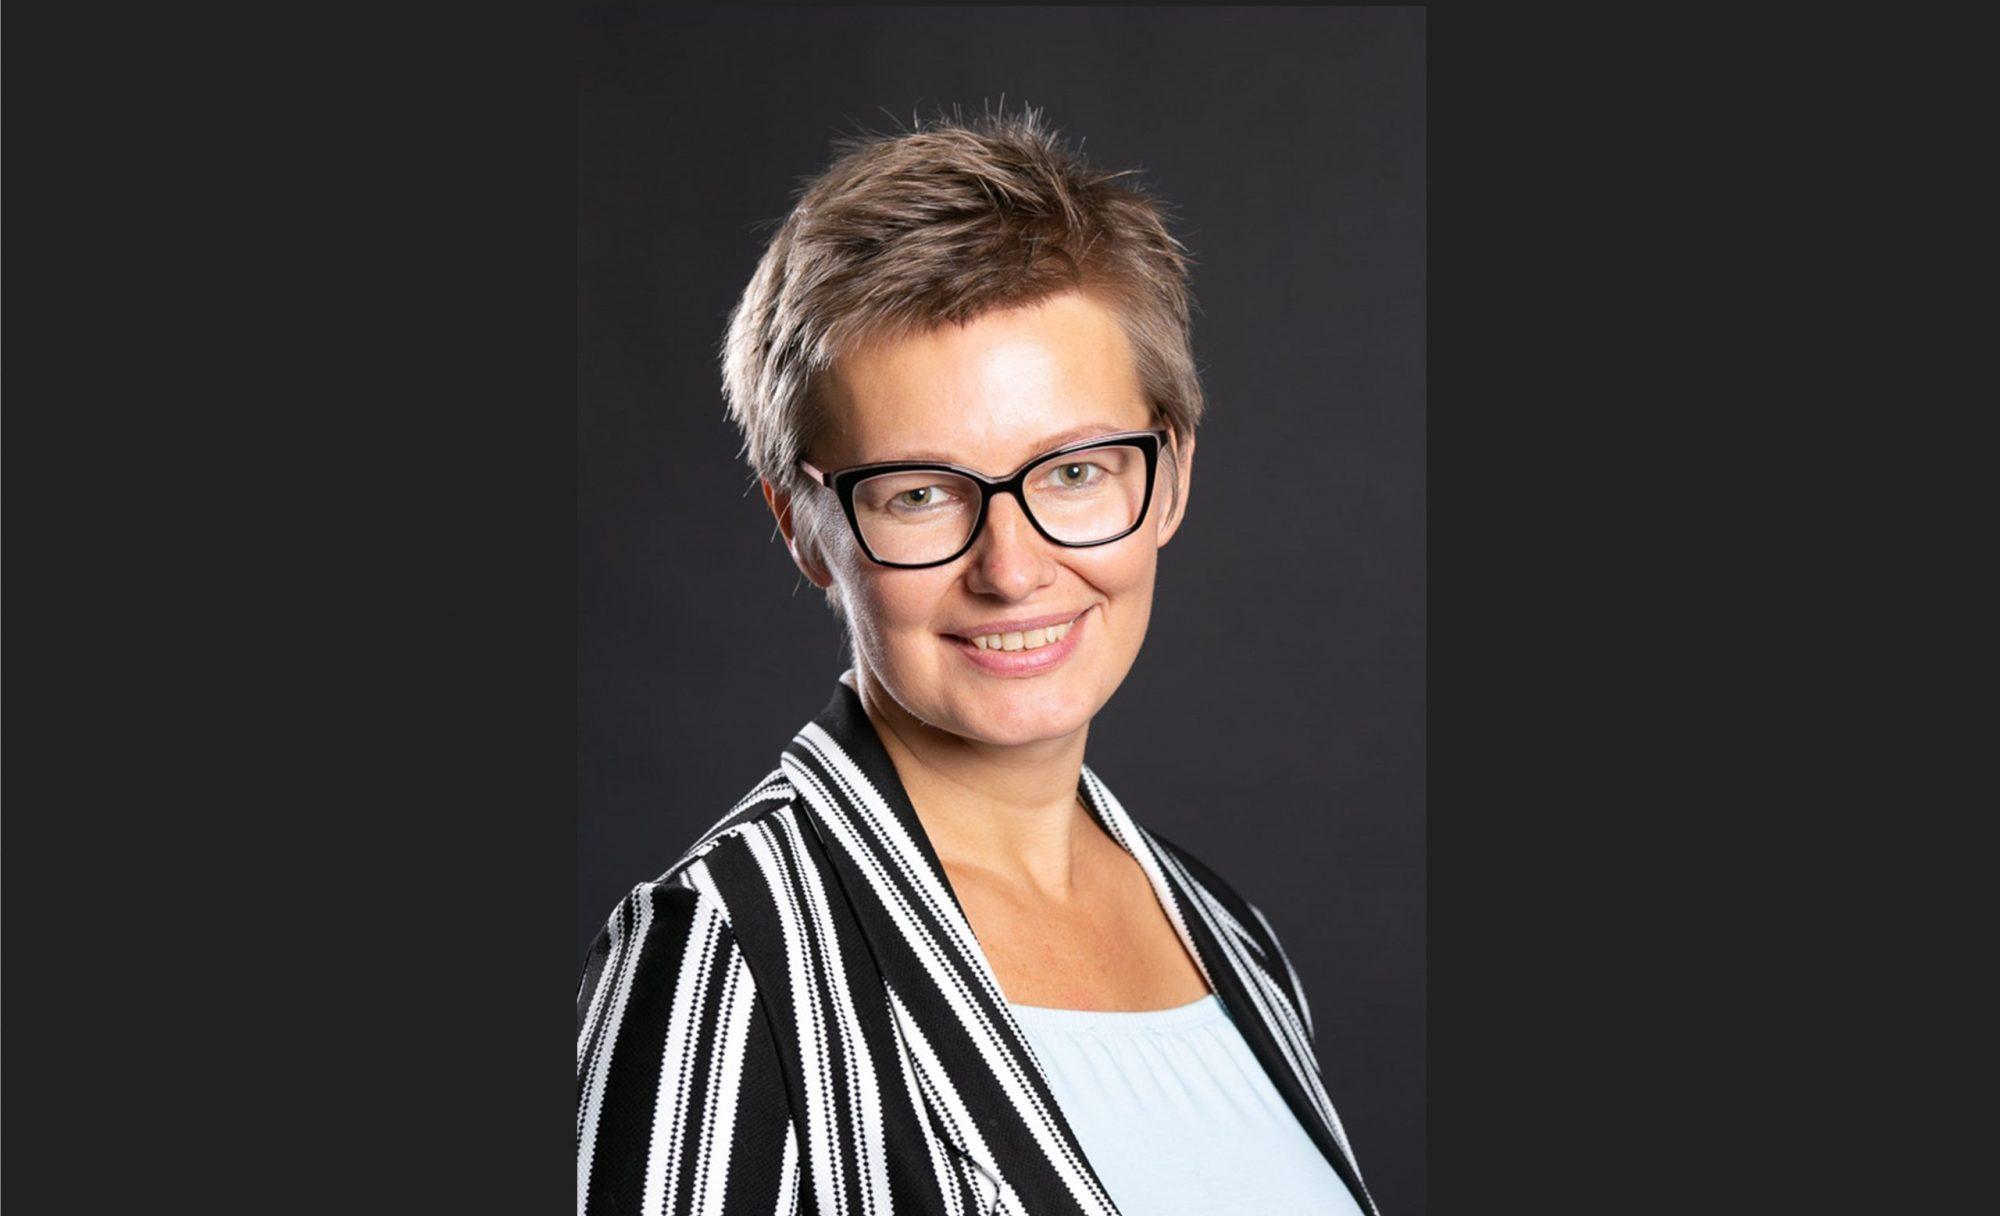 Gracjana Pawlak